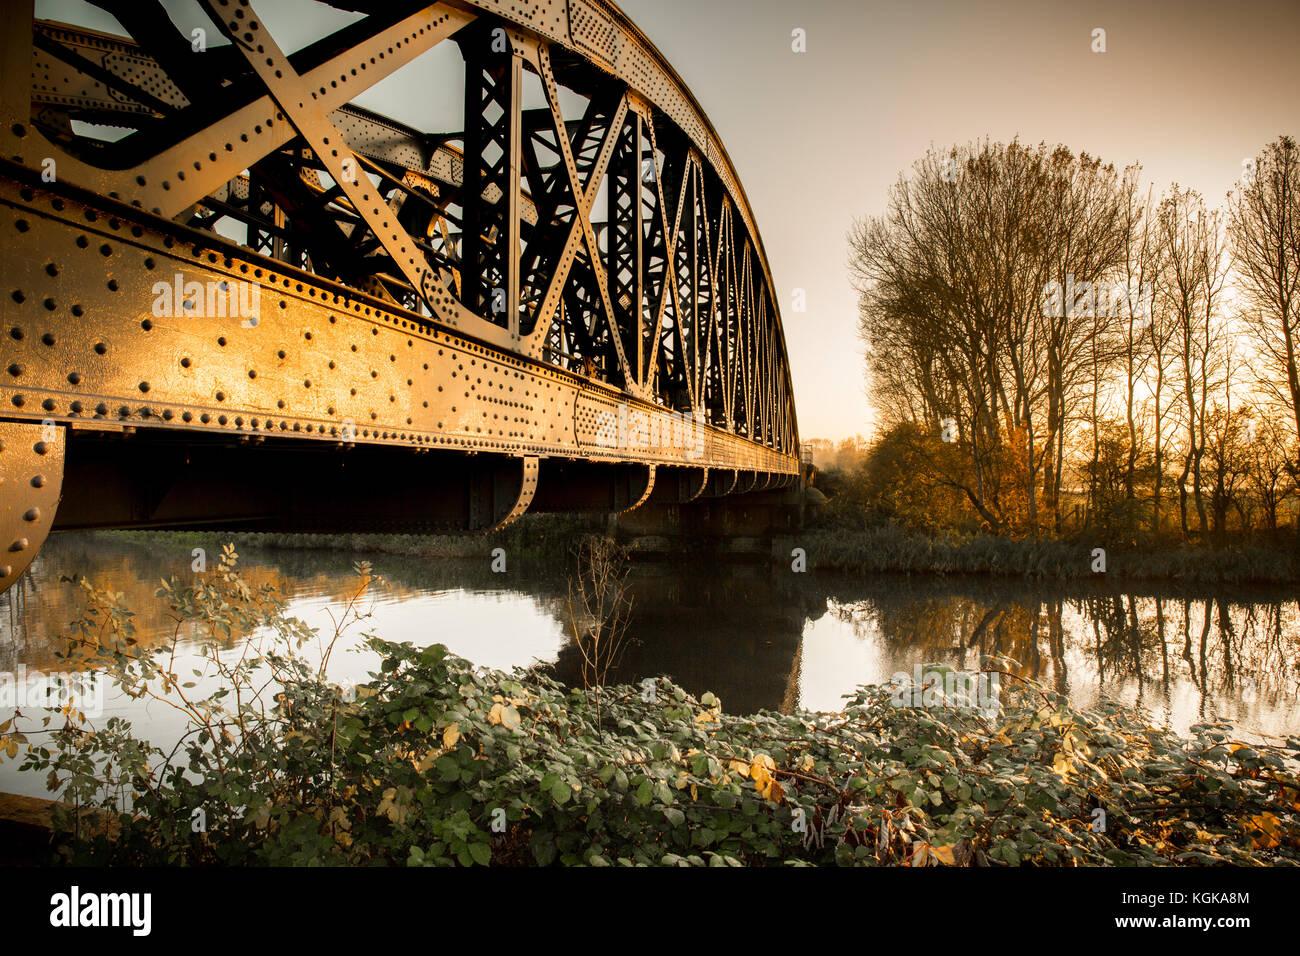 Un pont ferroviaire sur la tamise à Culham, Oxfordshire Banque D'Images